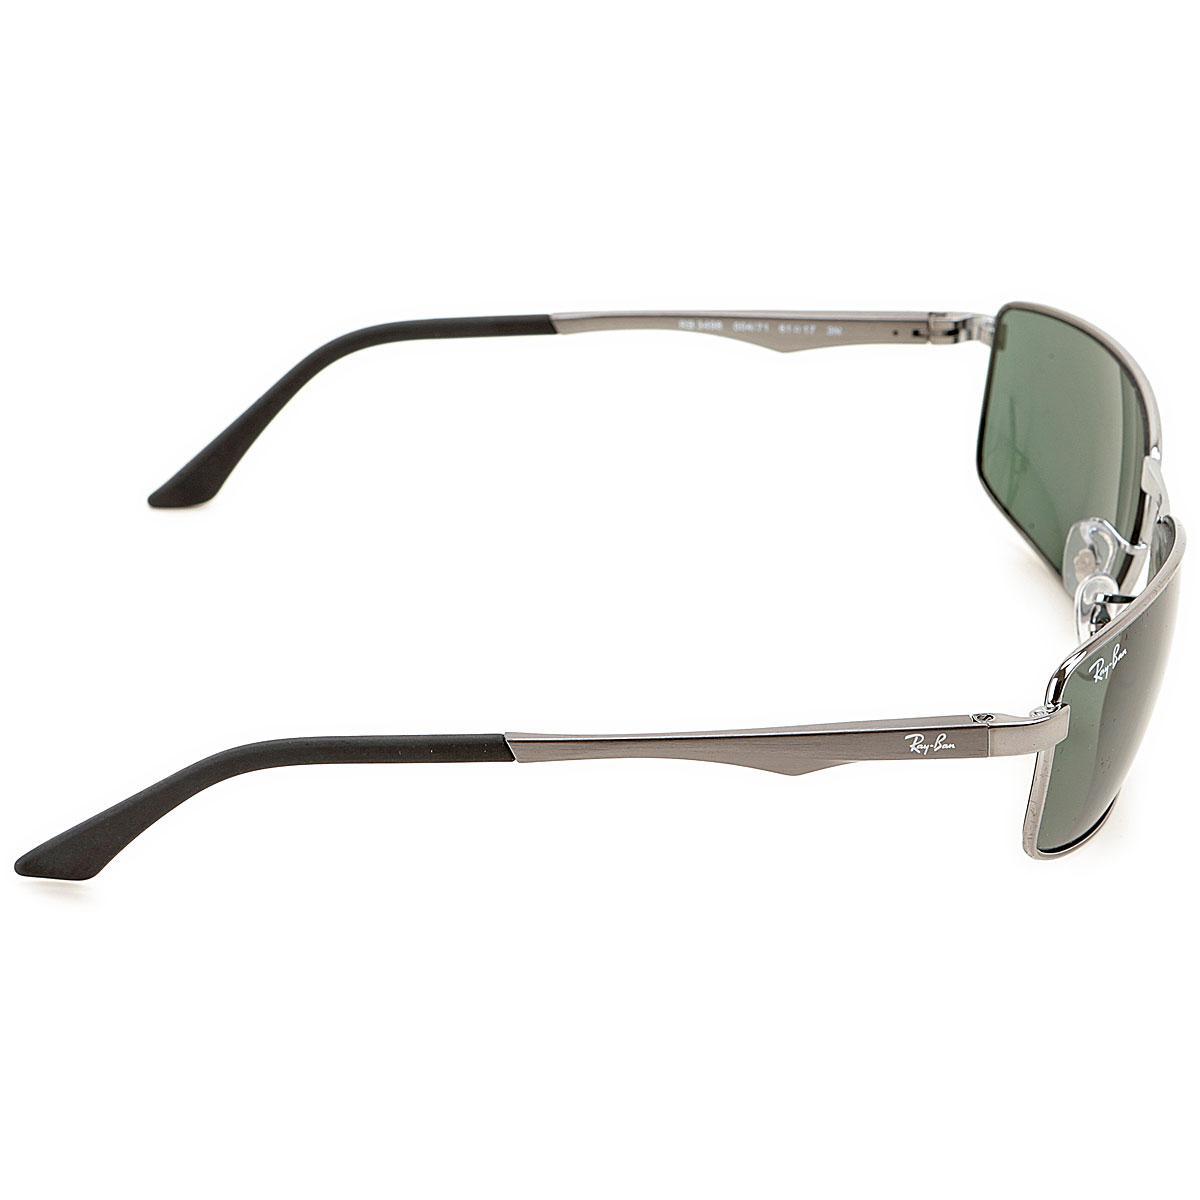 Lyst - Gafas y Lentes de Sol Baratos en Rebajas Outlet Ray-Ban de hombre 8fb8fe4b4fd8